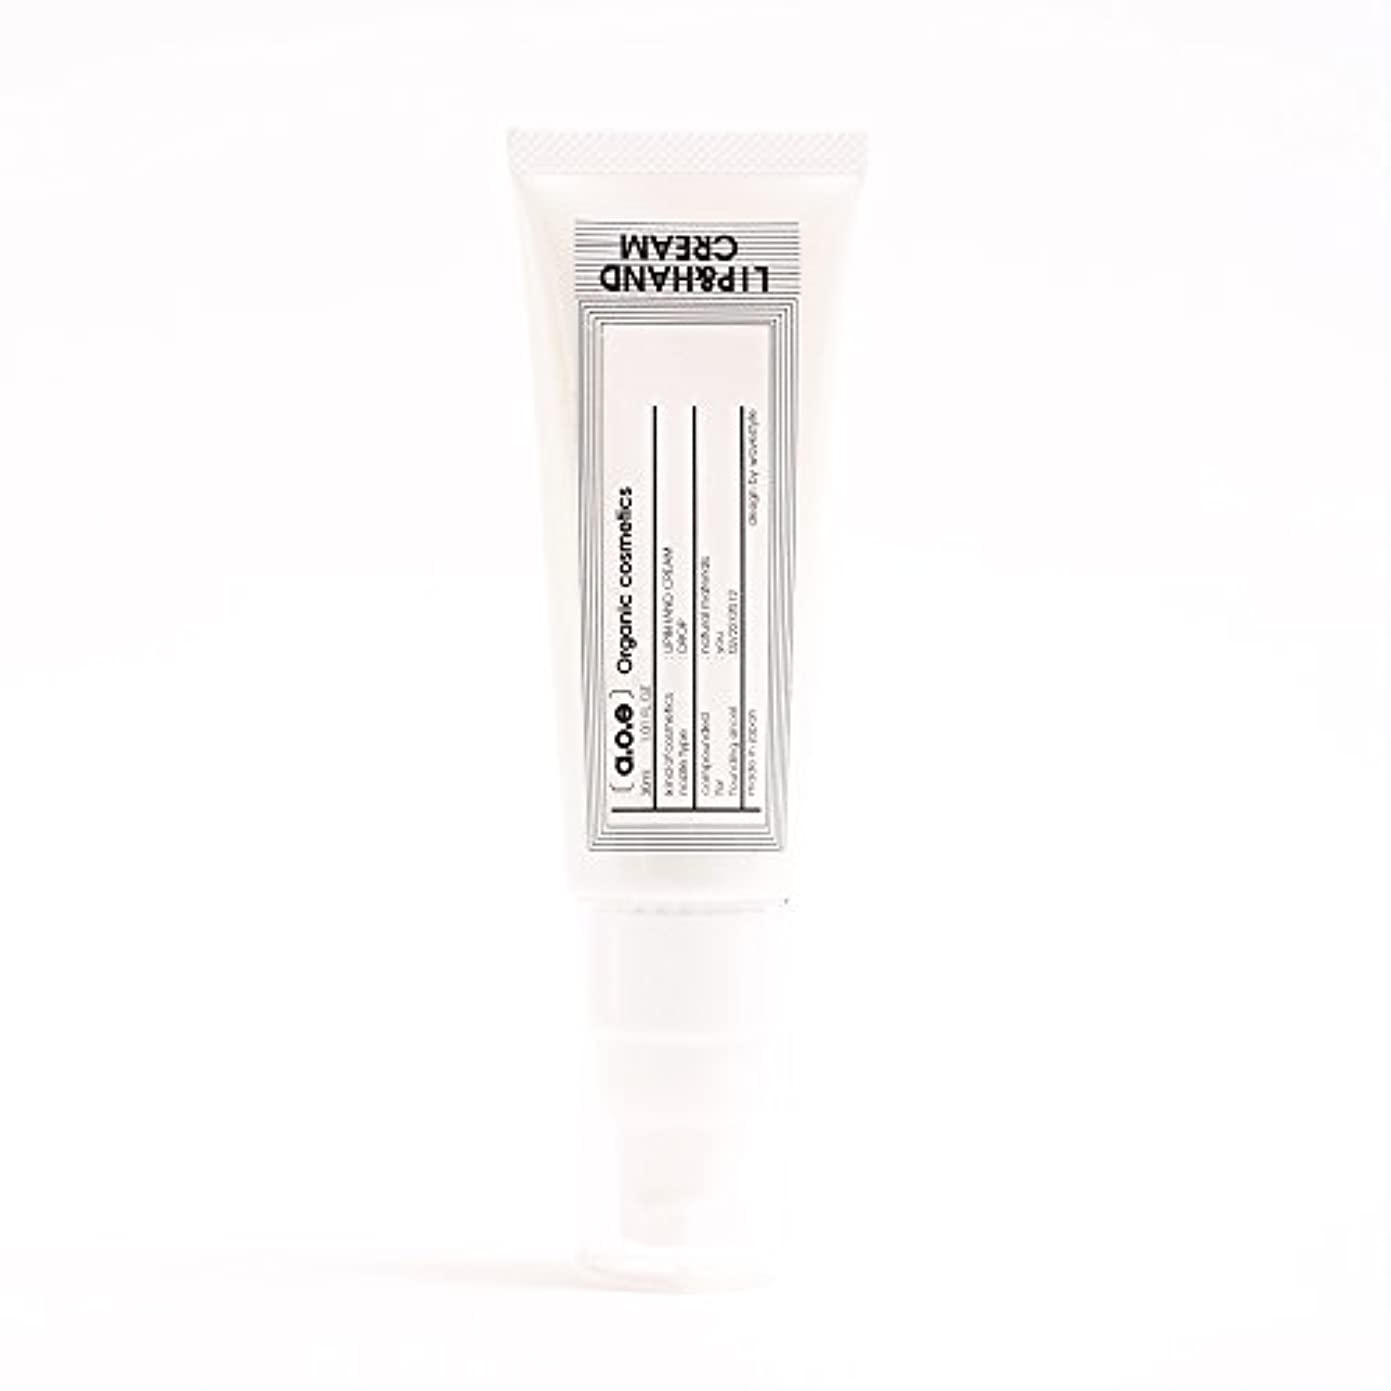 ダイヤルやる手順aoe 【無添加オーガニック】UVカット オイルリップ&ハンドクリーム/乾燥性敏感肌